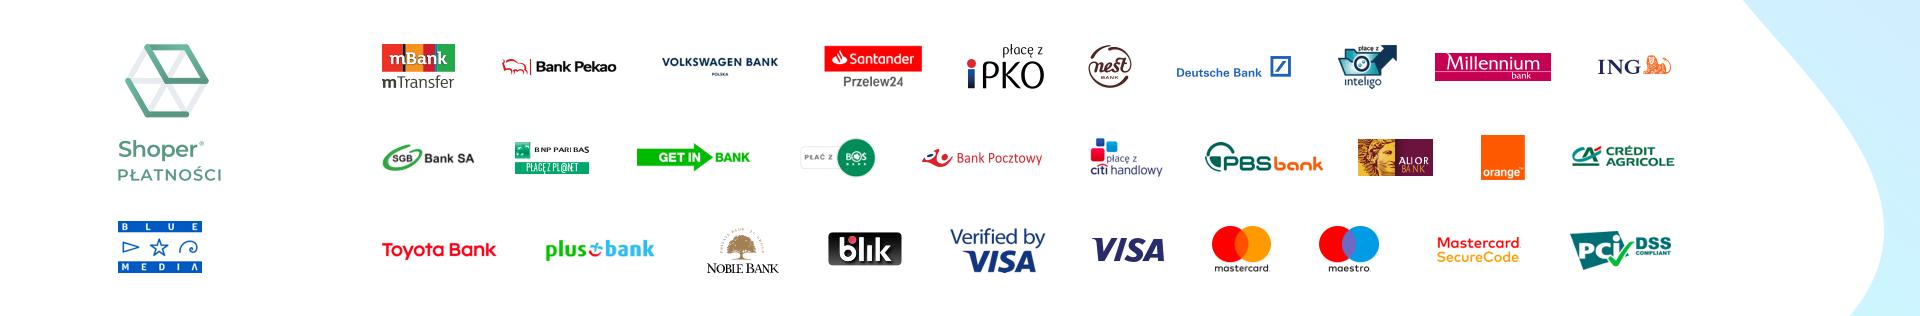 https://dcsaascdn.net/shoperpl/payments/platnosci-poziom-z-kartami.png